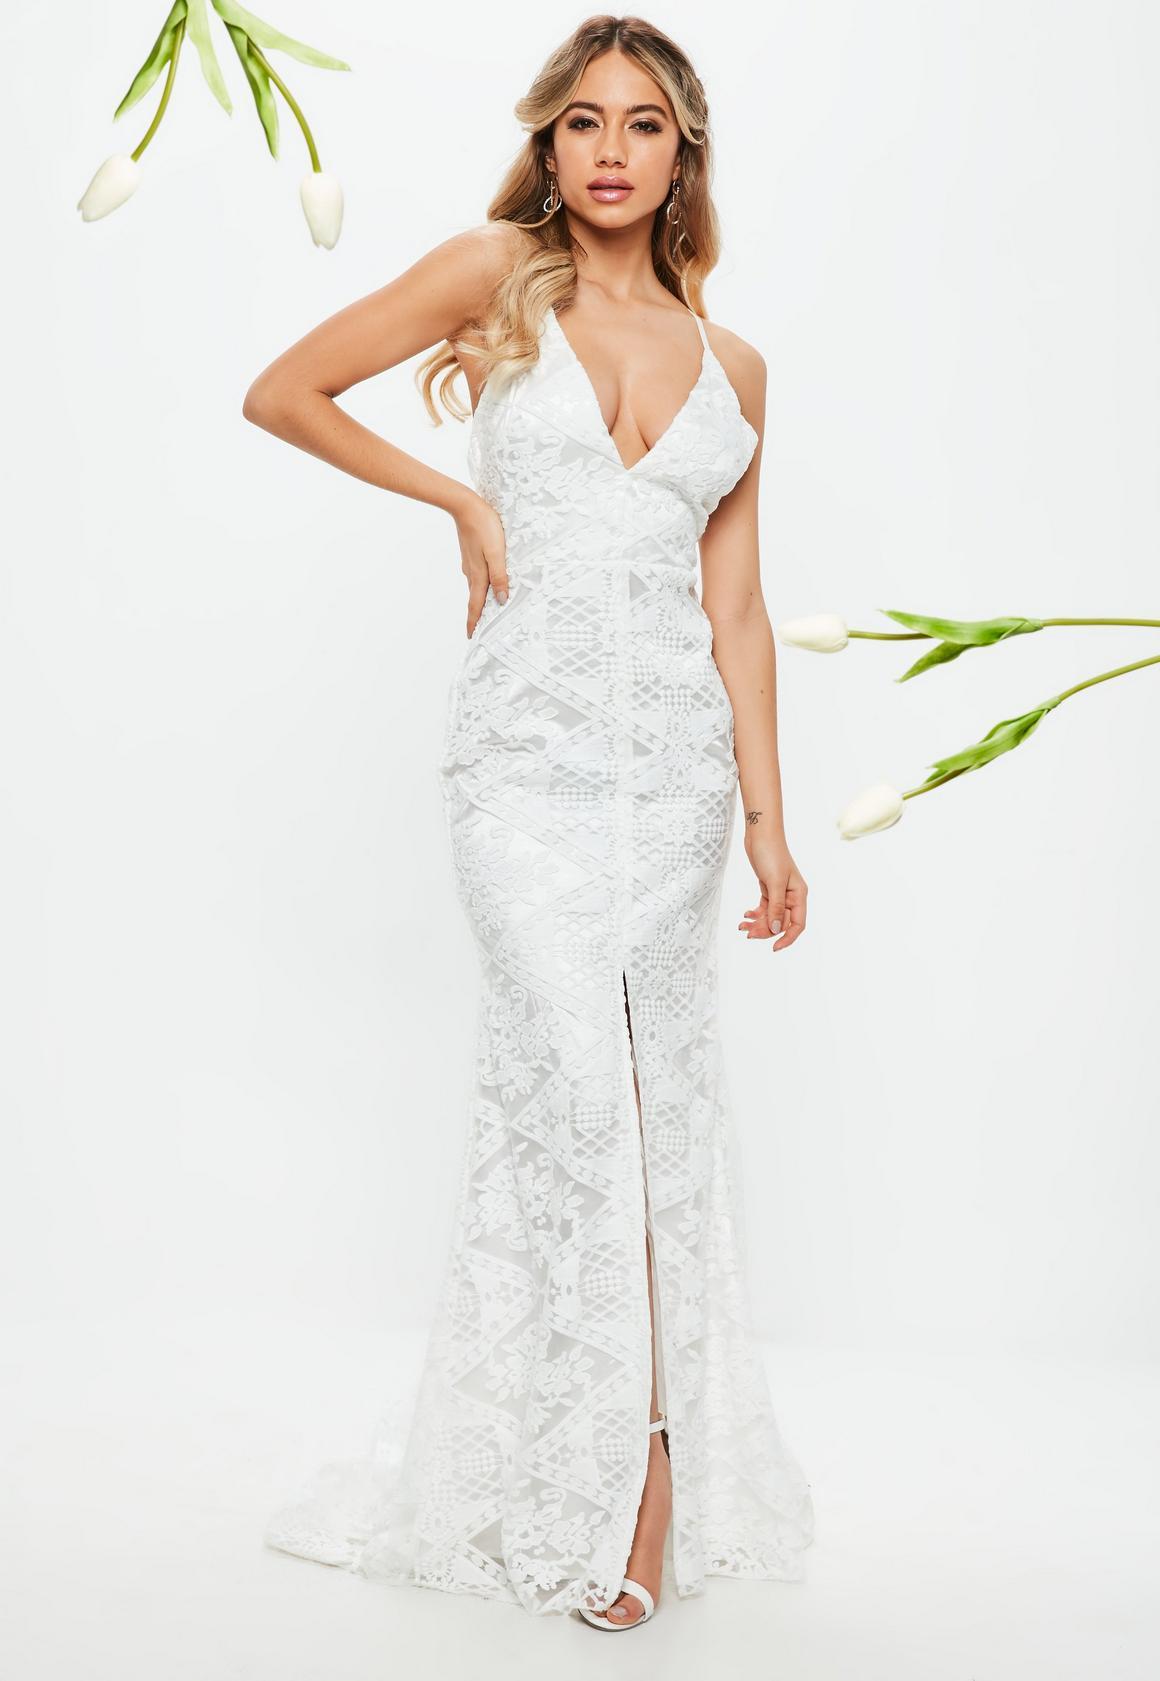 Weißes Maxi-Hochzeitskleid aus Spitze | Missguided